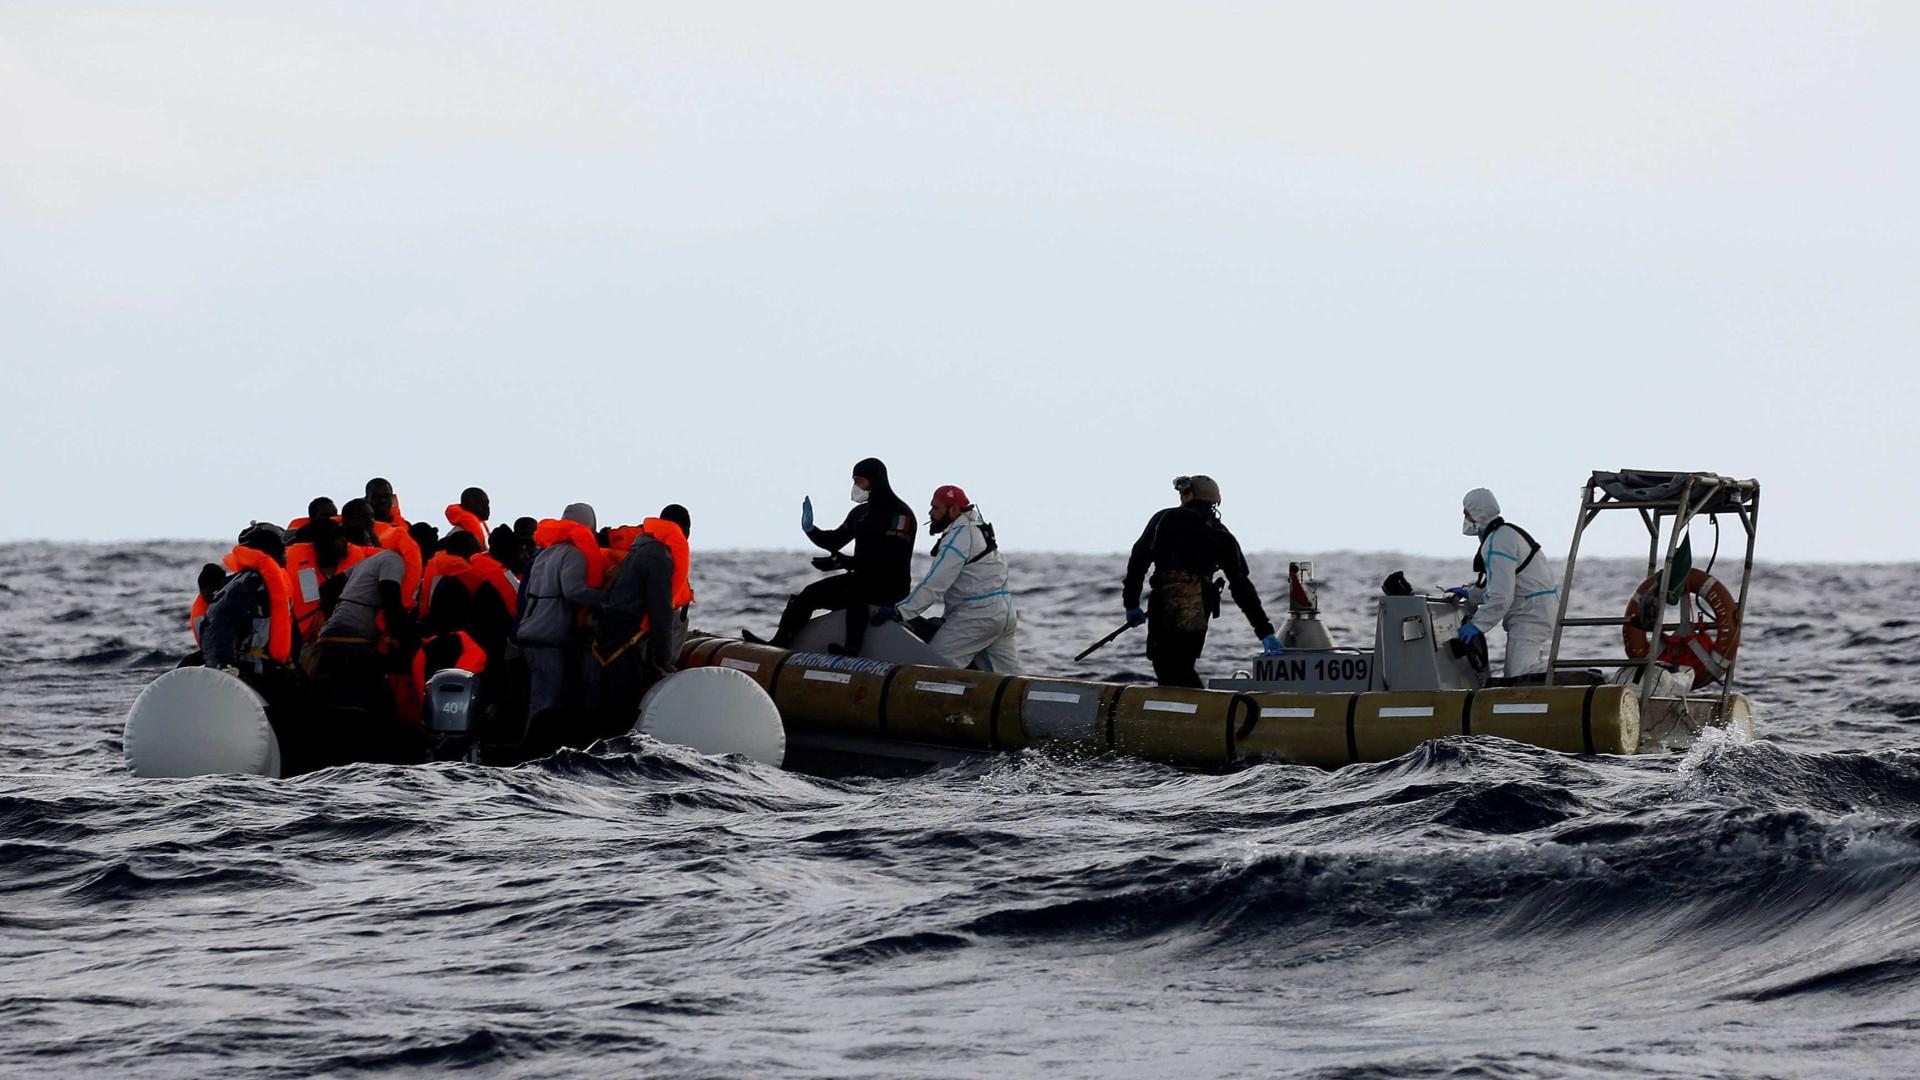 Mortes de imigrantes batem nível mais alto em 18 meses no Mediterrâneo